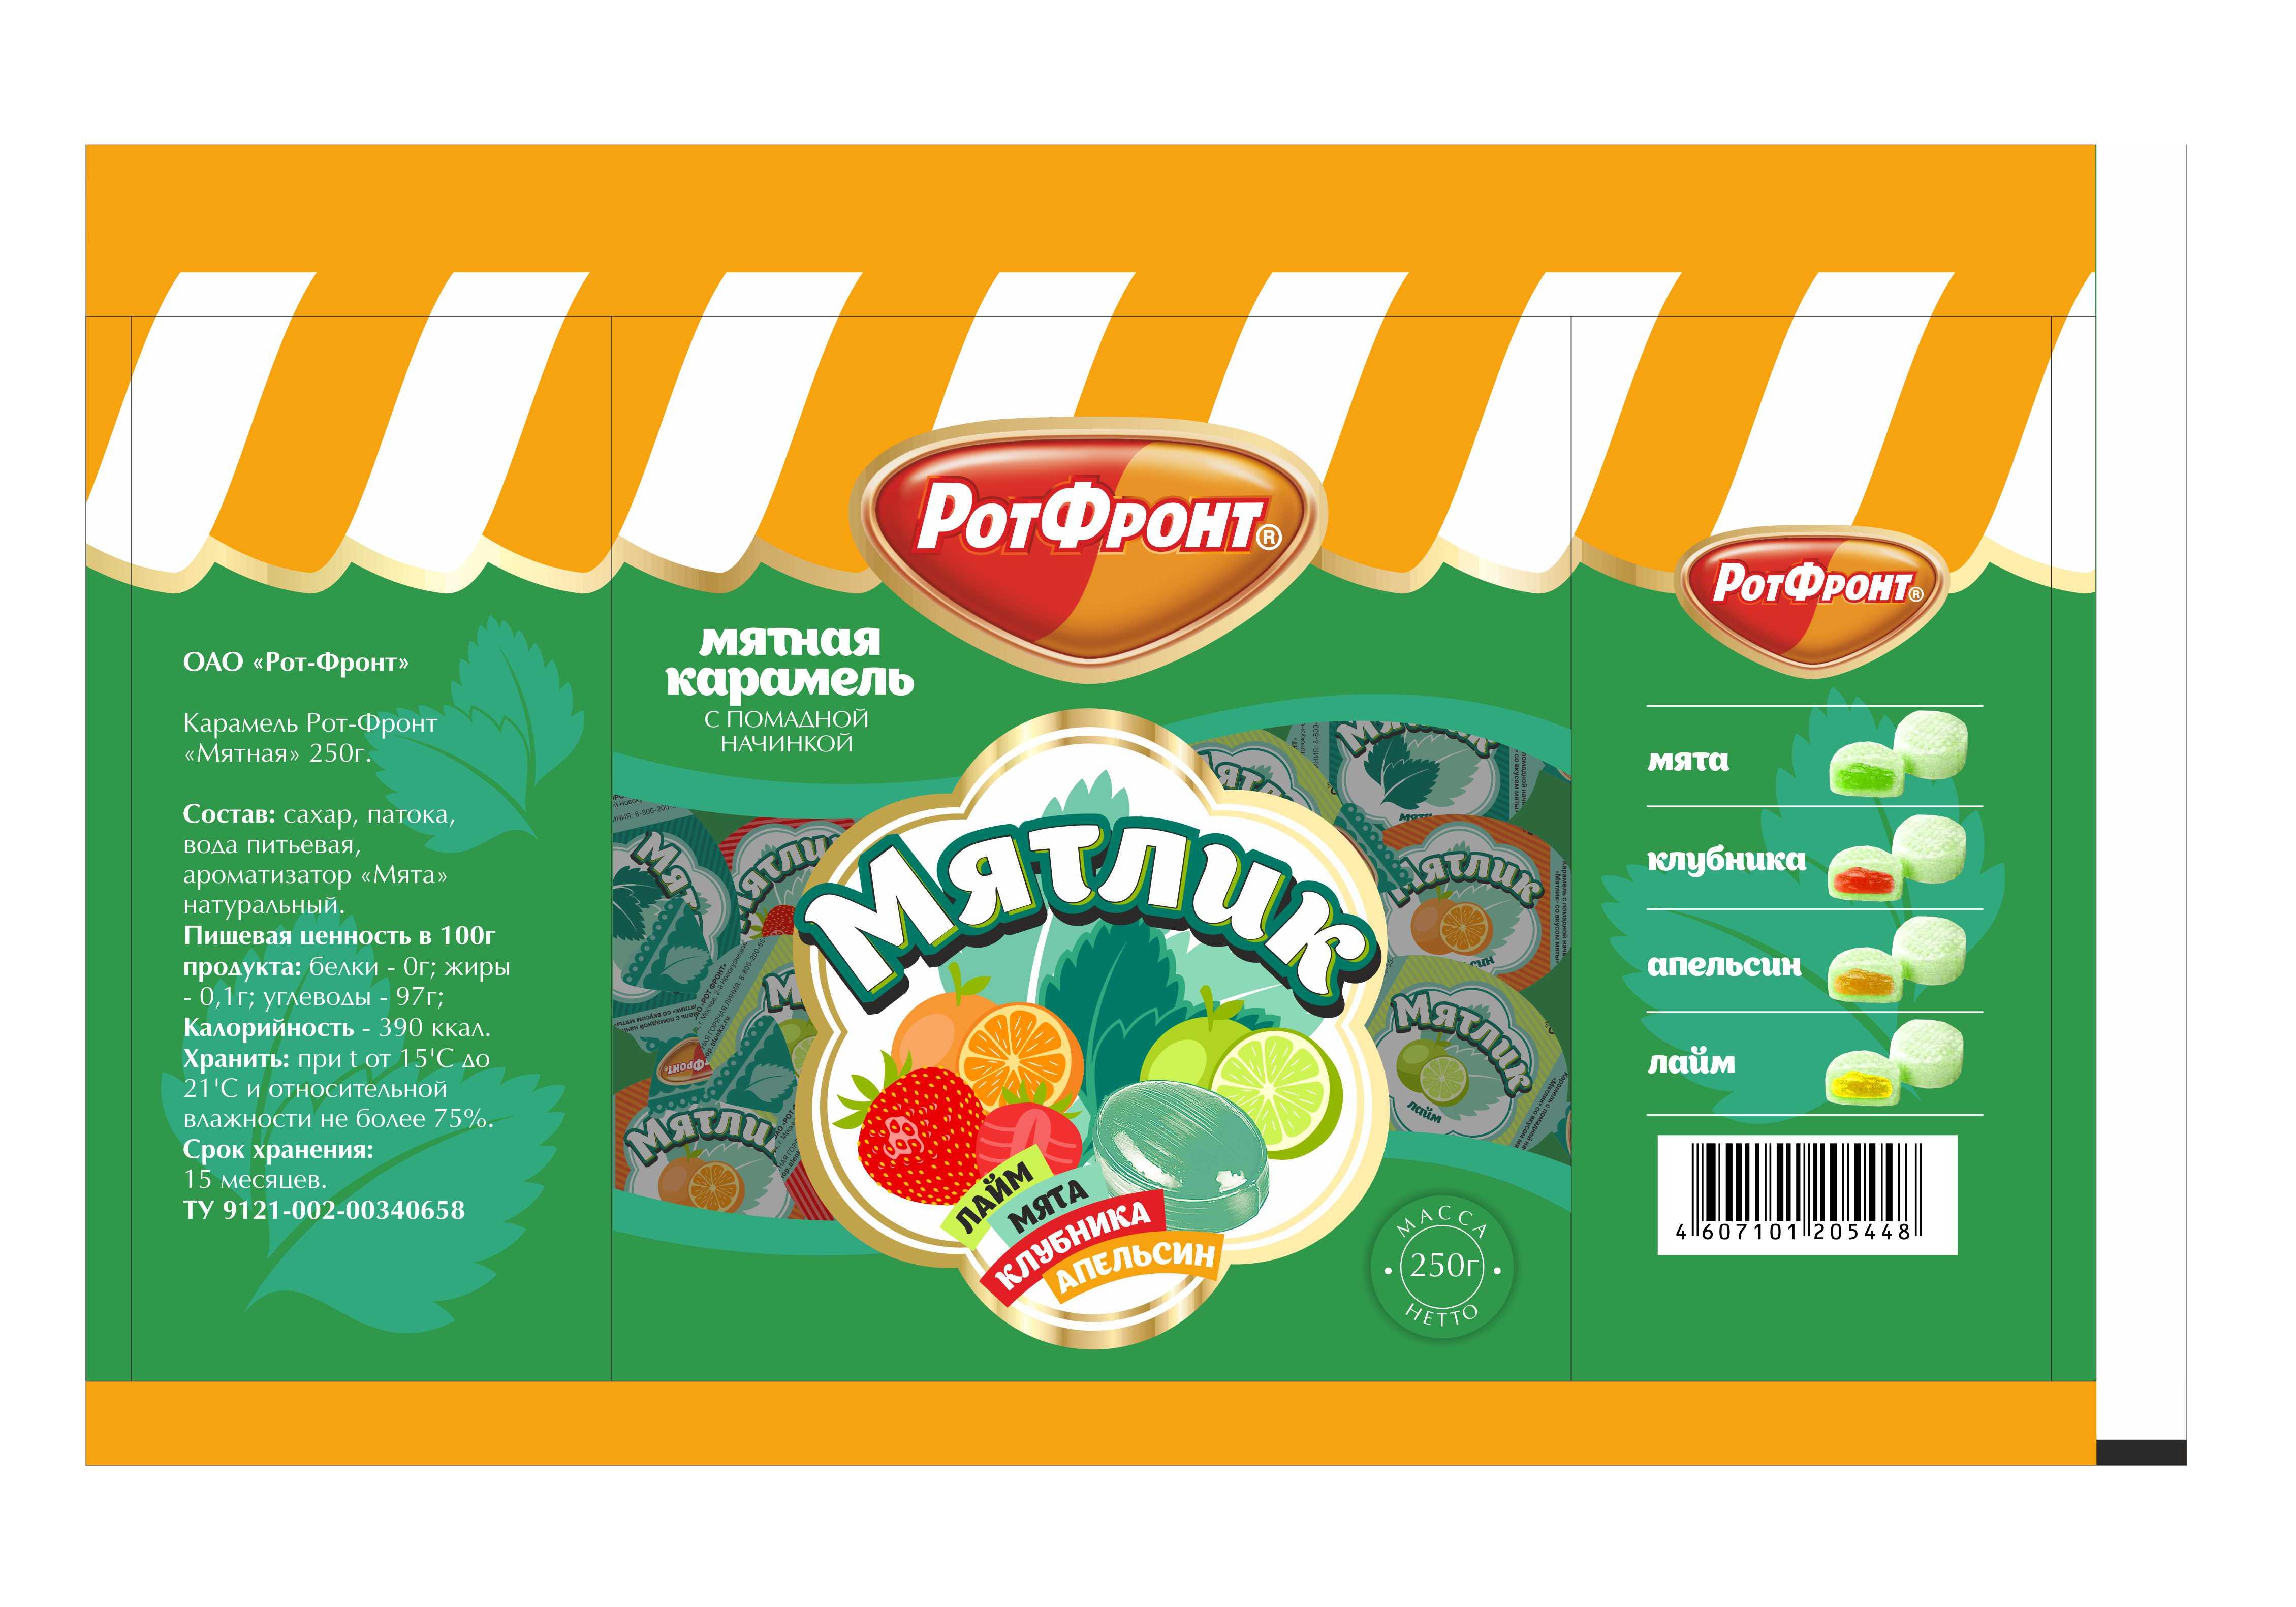 Разработка дизайна упаковки для мятной карамели от Рот Фронт фото f_35459f23deb3d01b.jpg